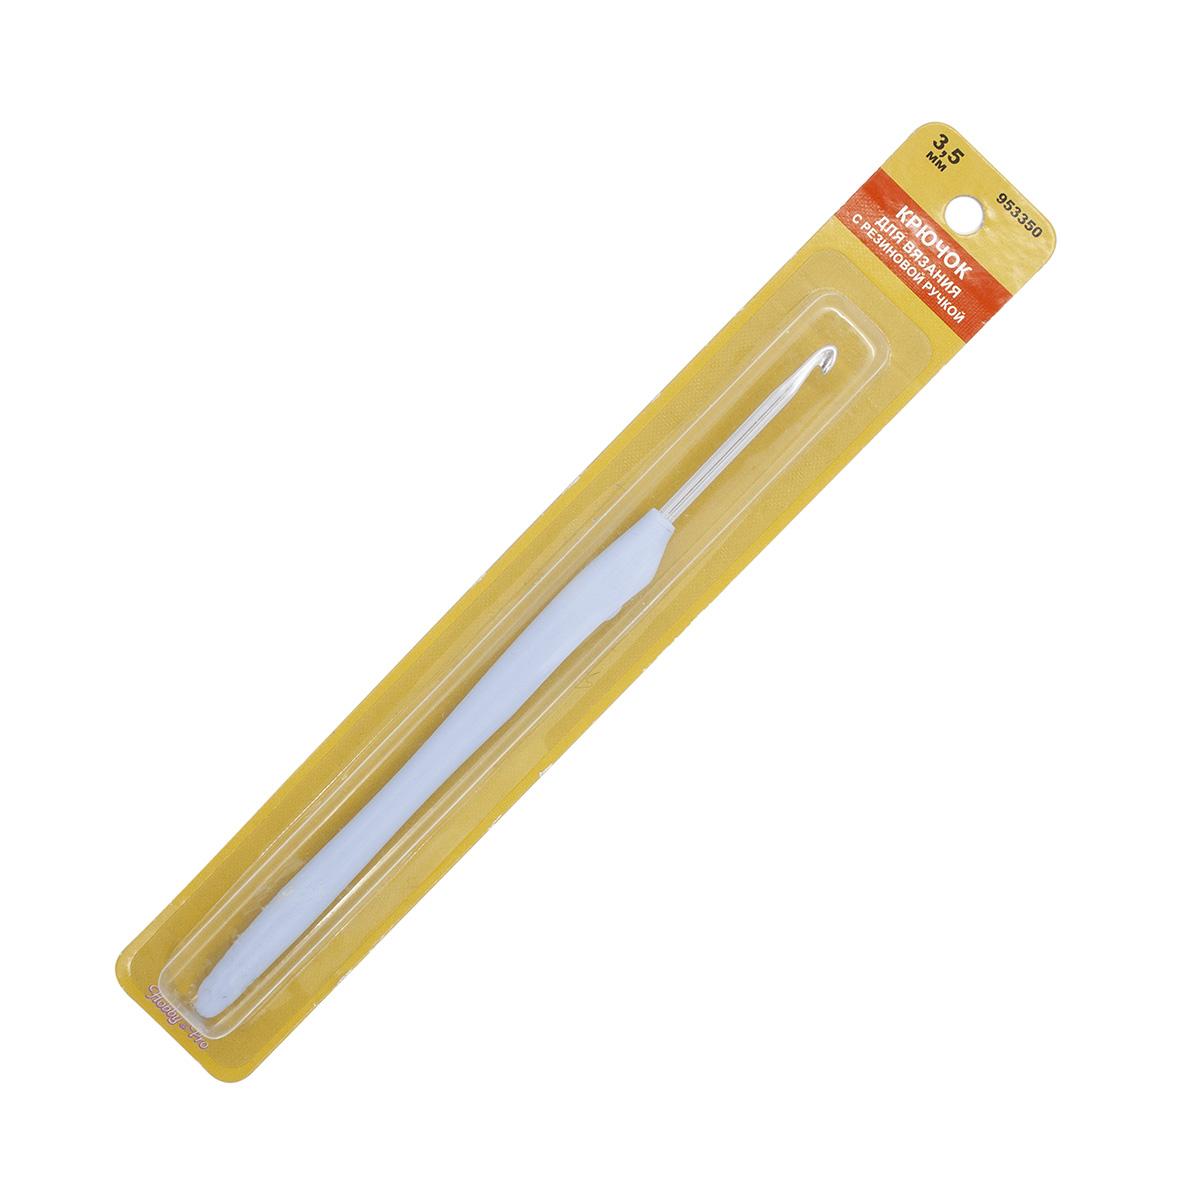 Крючок для вязания с резиновой ручкой 953350, 3,5 мм, Hobby&Pro